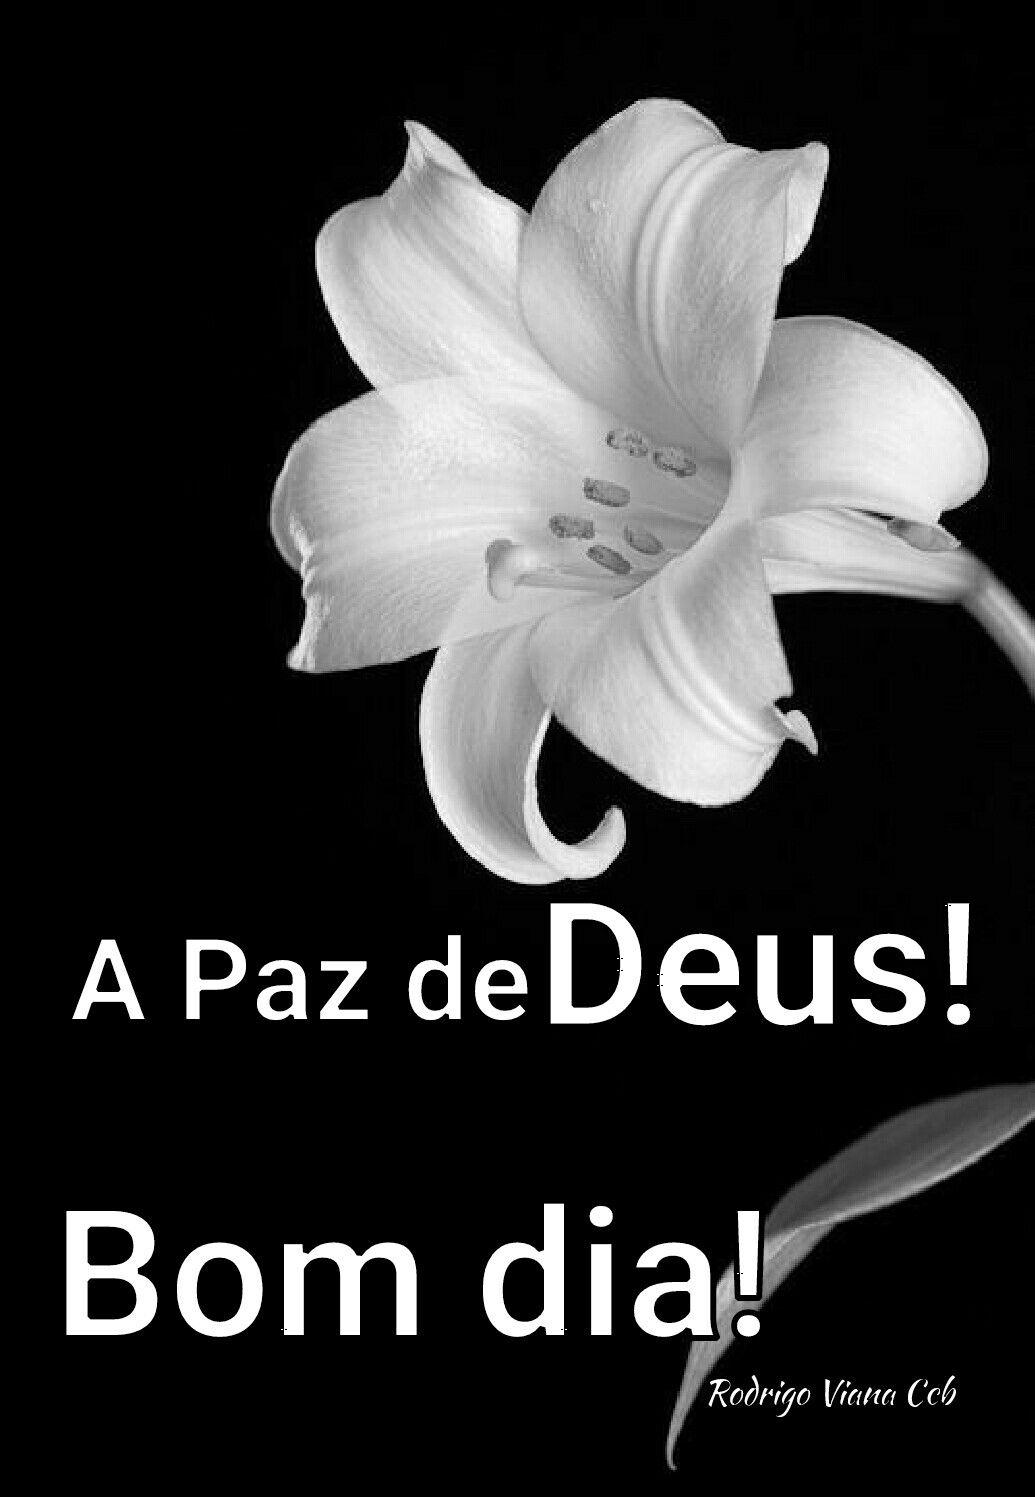 A Paz De Deus Com Imagens Mensagens De Deus Ccb Mensagem